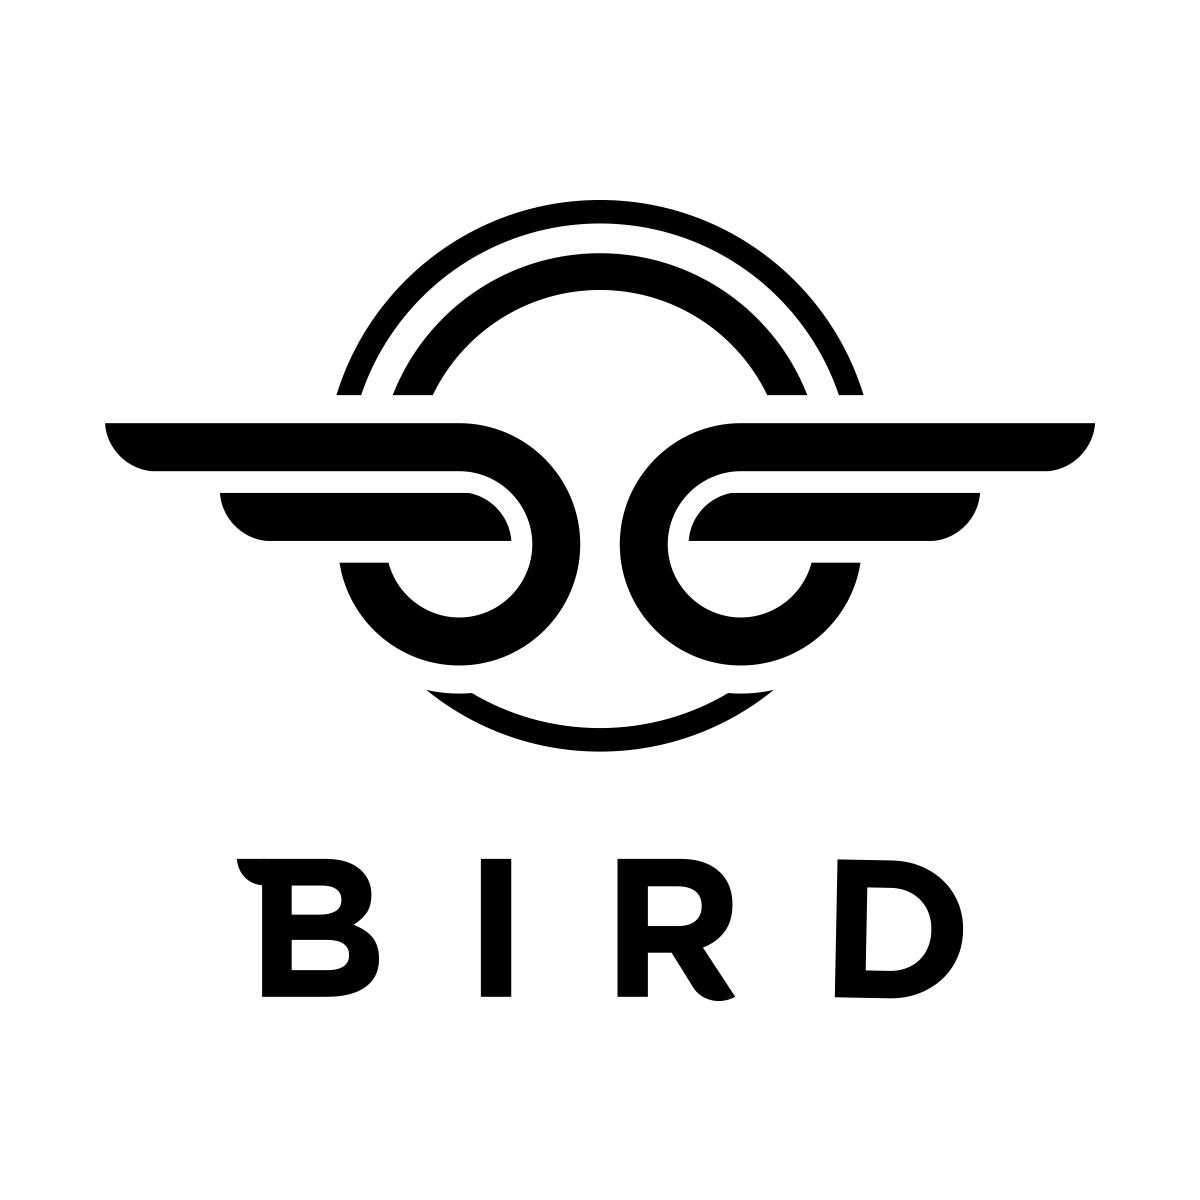 5€ offerts sur vos prochains trajets BIRD + possibilité d'obtenir un casque gratuitement